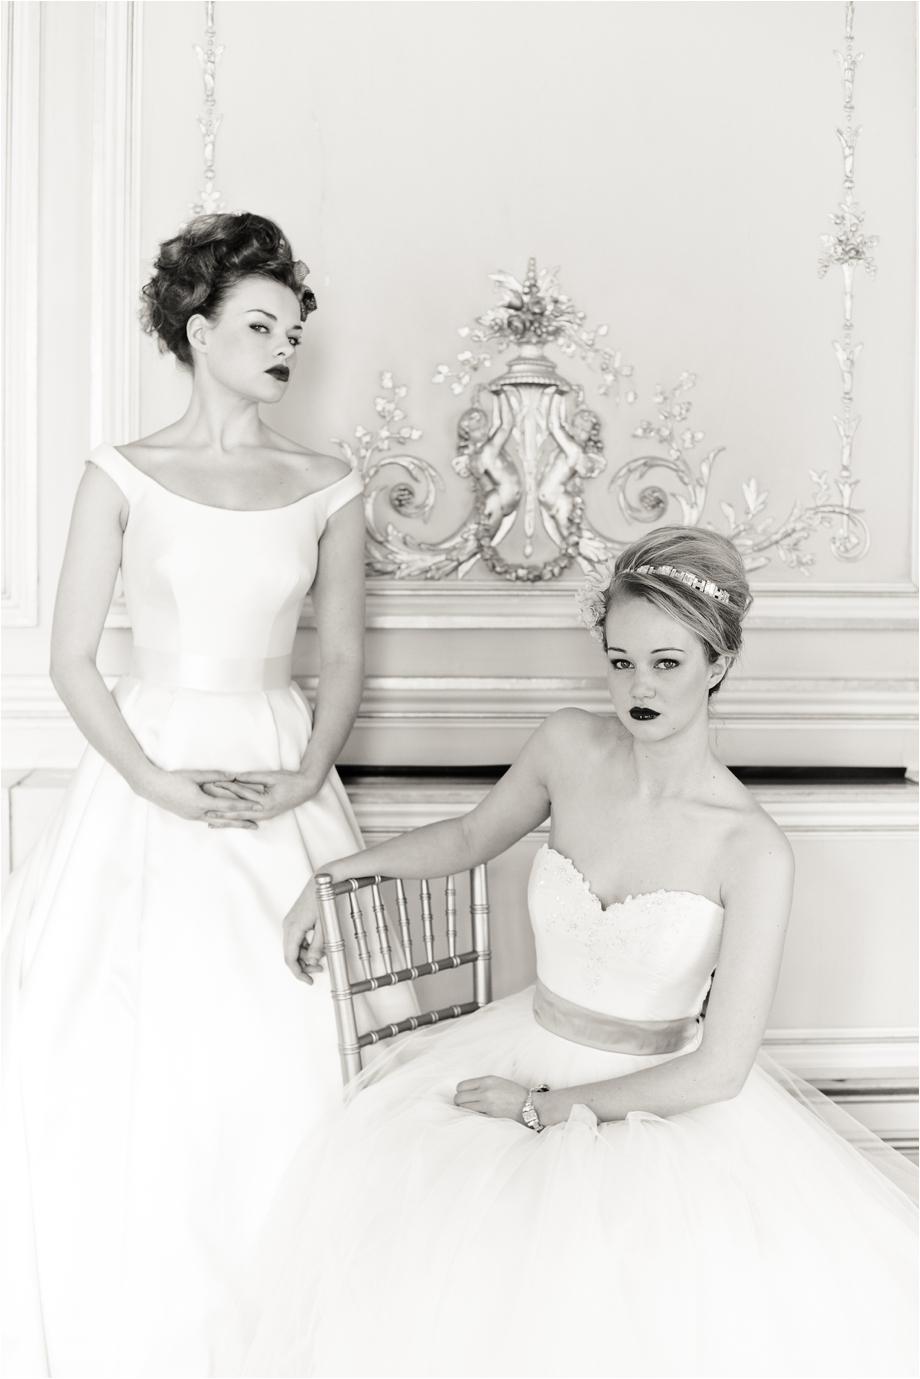 097_eddie-judd-photography-miss-bush-bridal-debutantes_0887_FB